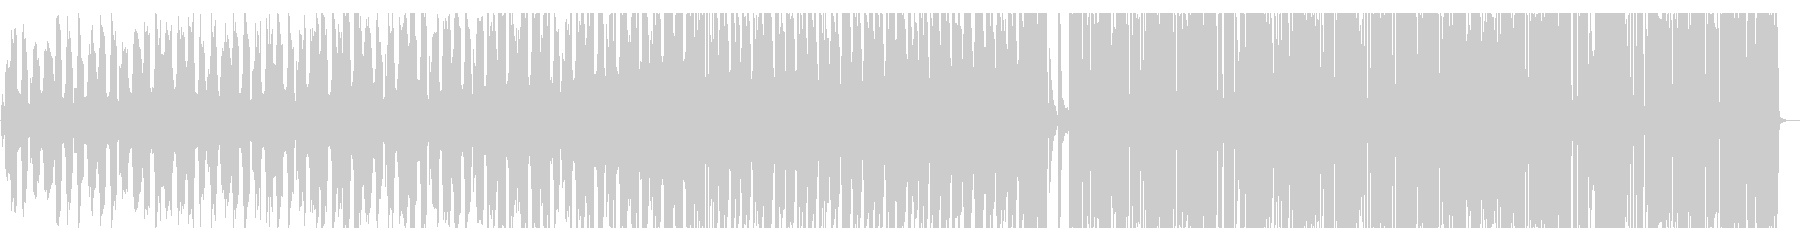 星/エレクトロハウス_No377_3の未再生の波形